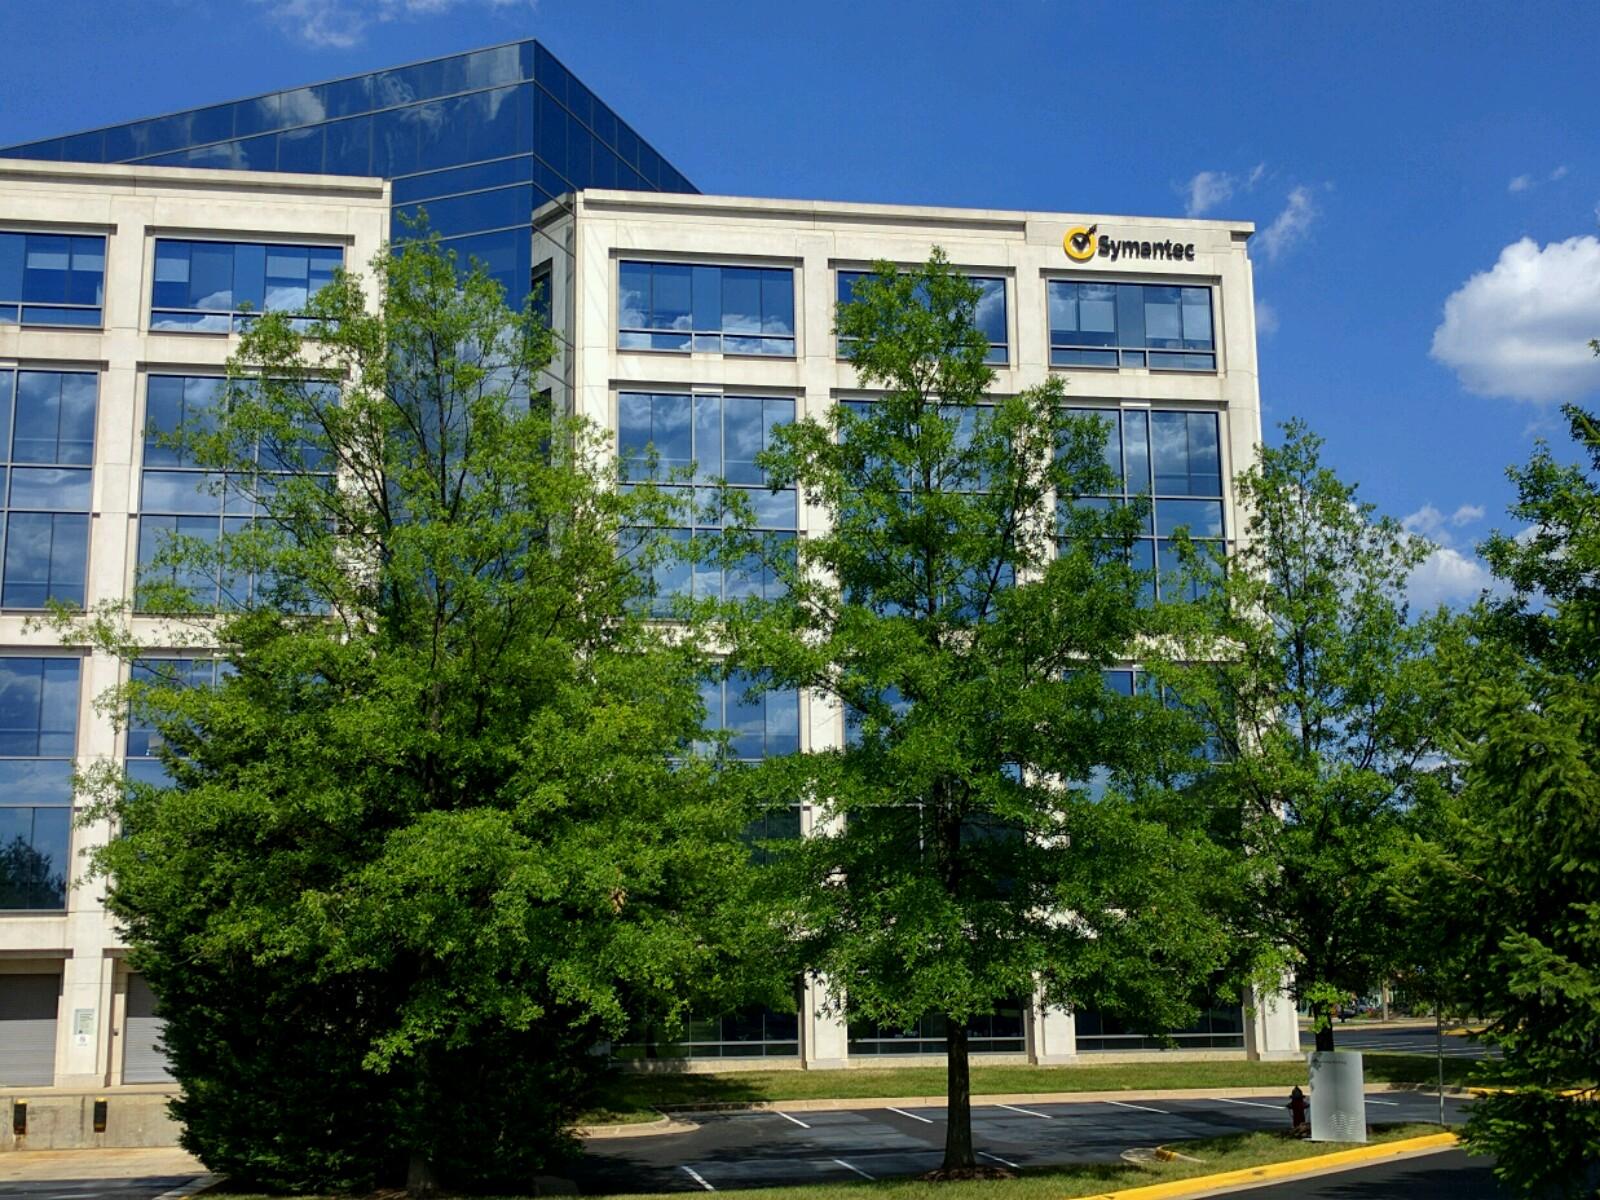 Symantec Corp.